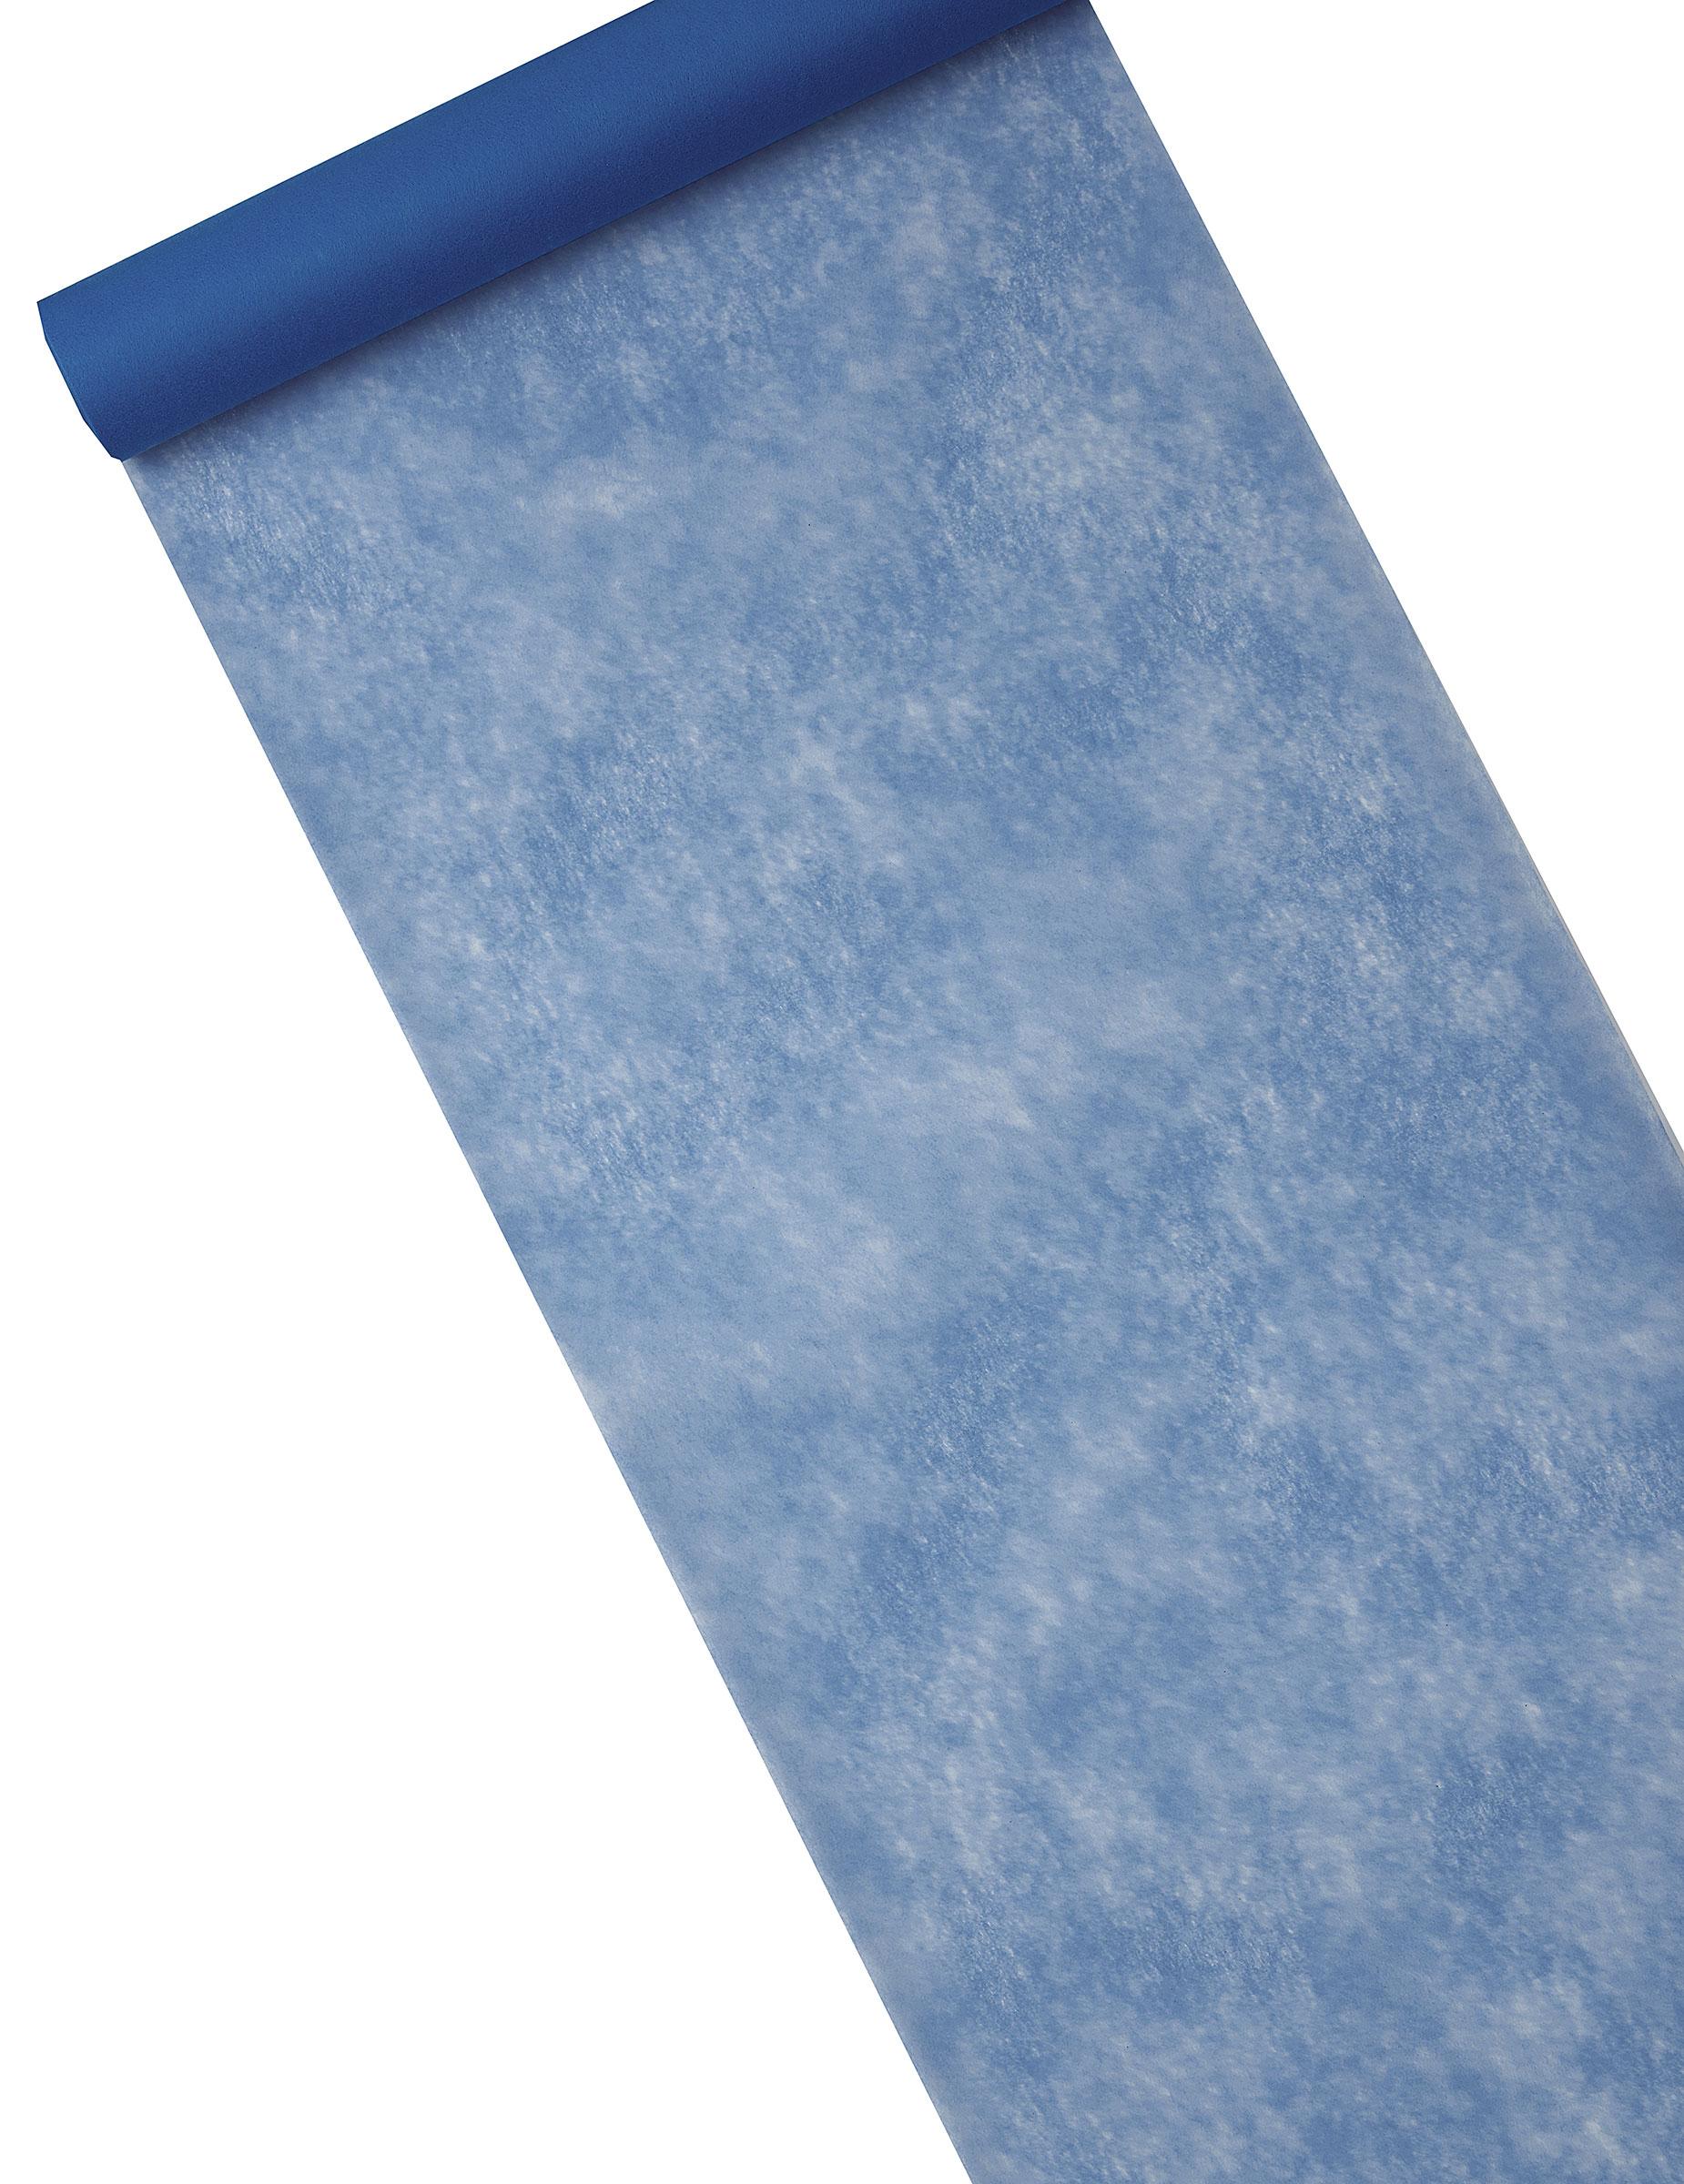 Chemin De Table Intissé Bleu Marine 29 Cm X 10 M encequiconcerne Chemin De Table Bleu Clair